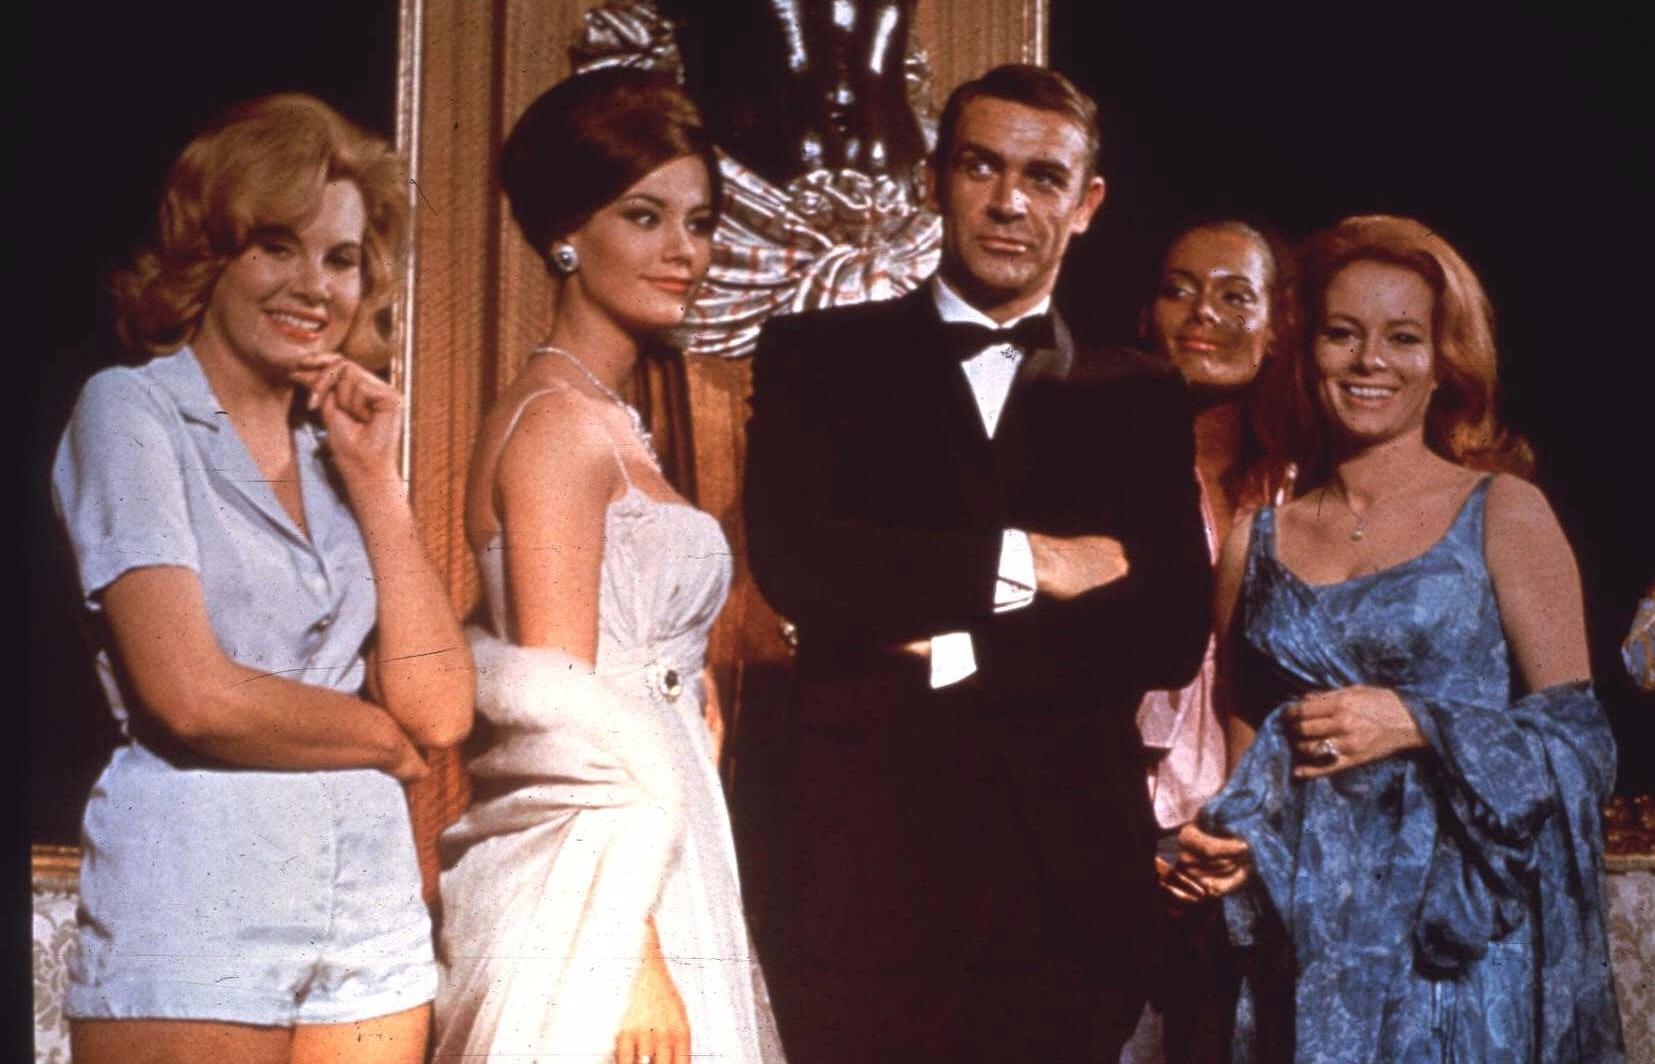 007 и еще три вопроса о фильмах бондианы с Шоном Коннери